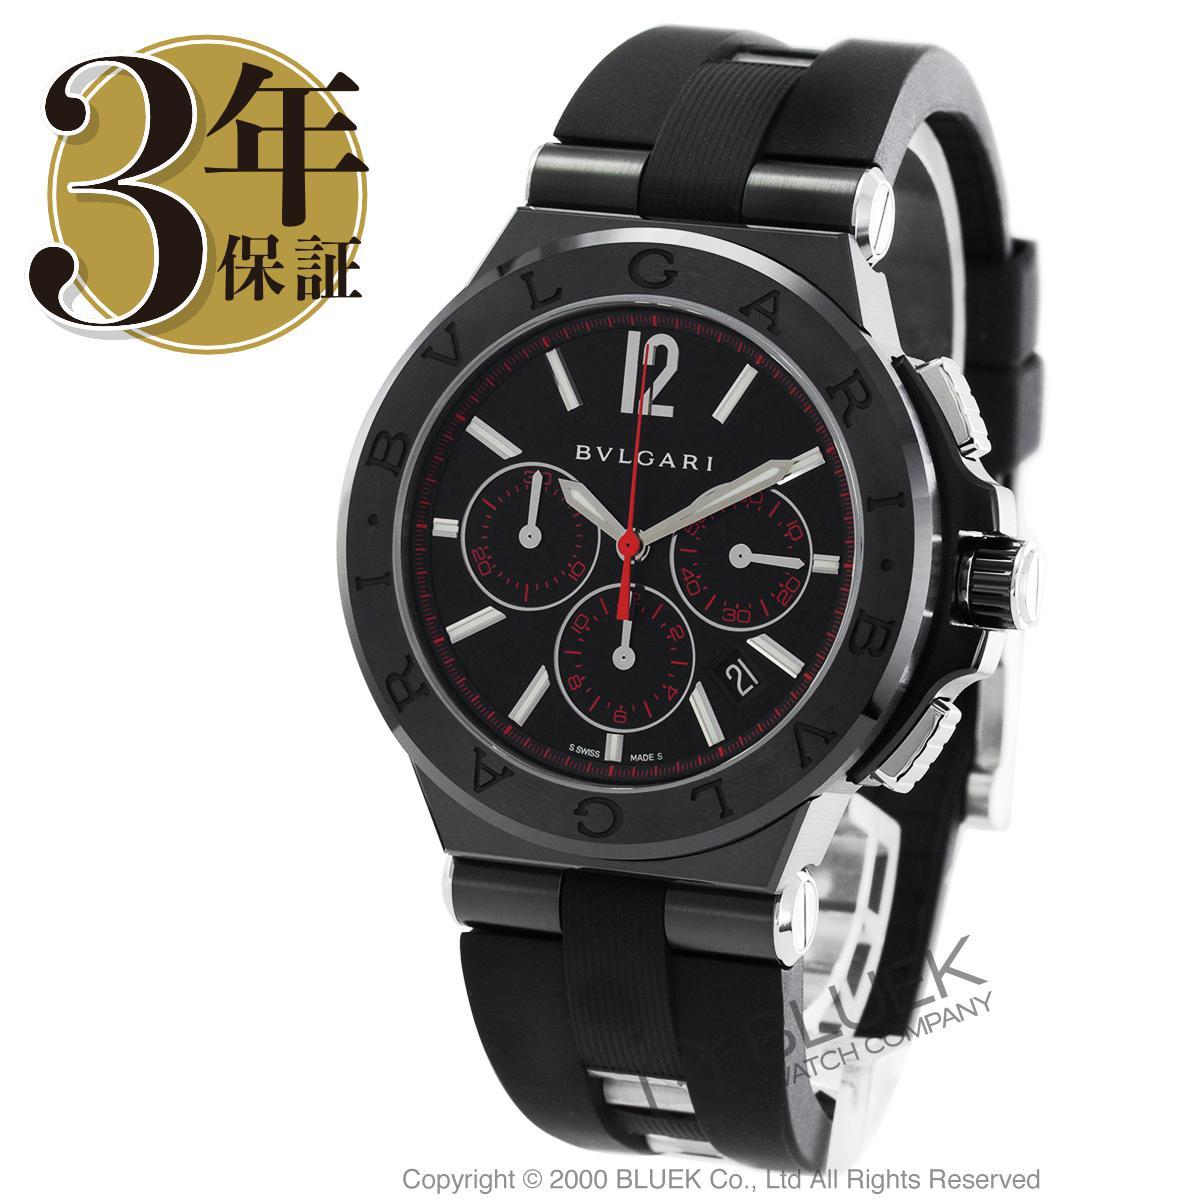 ba0d385d2f1b ブルガリ ディアゴノ ウルトラネロ クロノグラフ 腕時計 メンズ BVLGARI DG42BBSCVDCH/1_8 [送料無料][対応][ブルガリ ][DG42BBSCVDCH/1][BVLGARI][時計][新品]